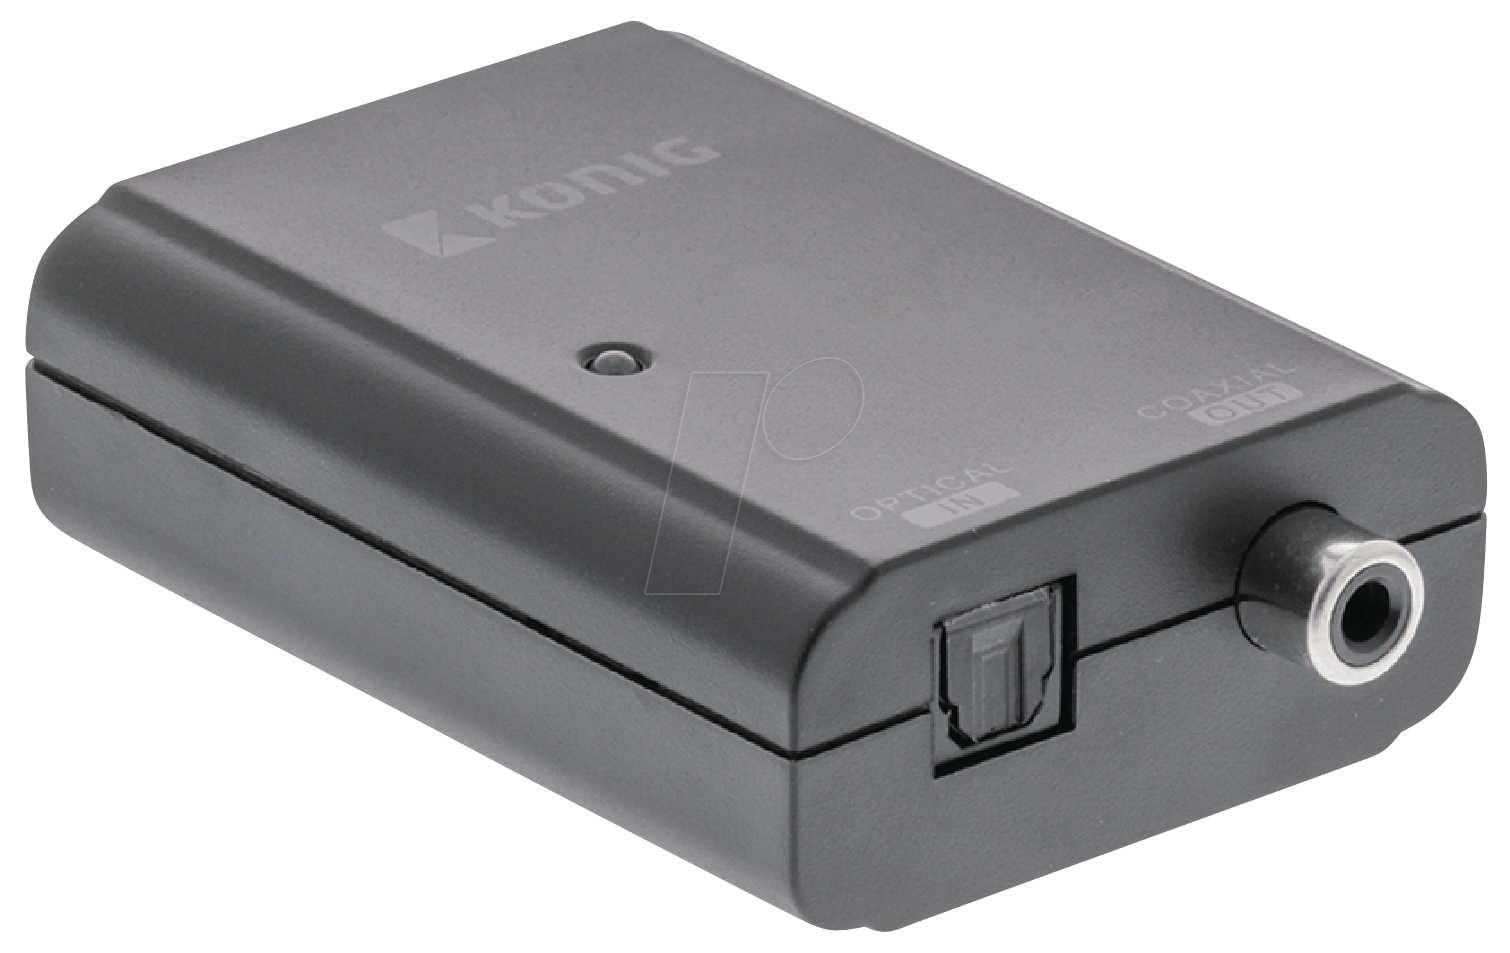 kn aco2501 digital audio konverter toslink buchse auf cinch kupplung bei reichelt elektronik. Black Bedroom Furniture Sets. Home Design Ideas